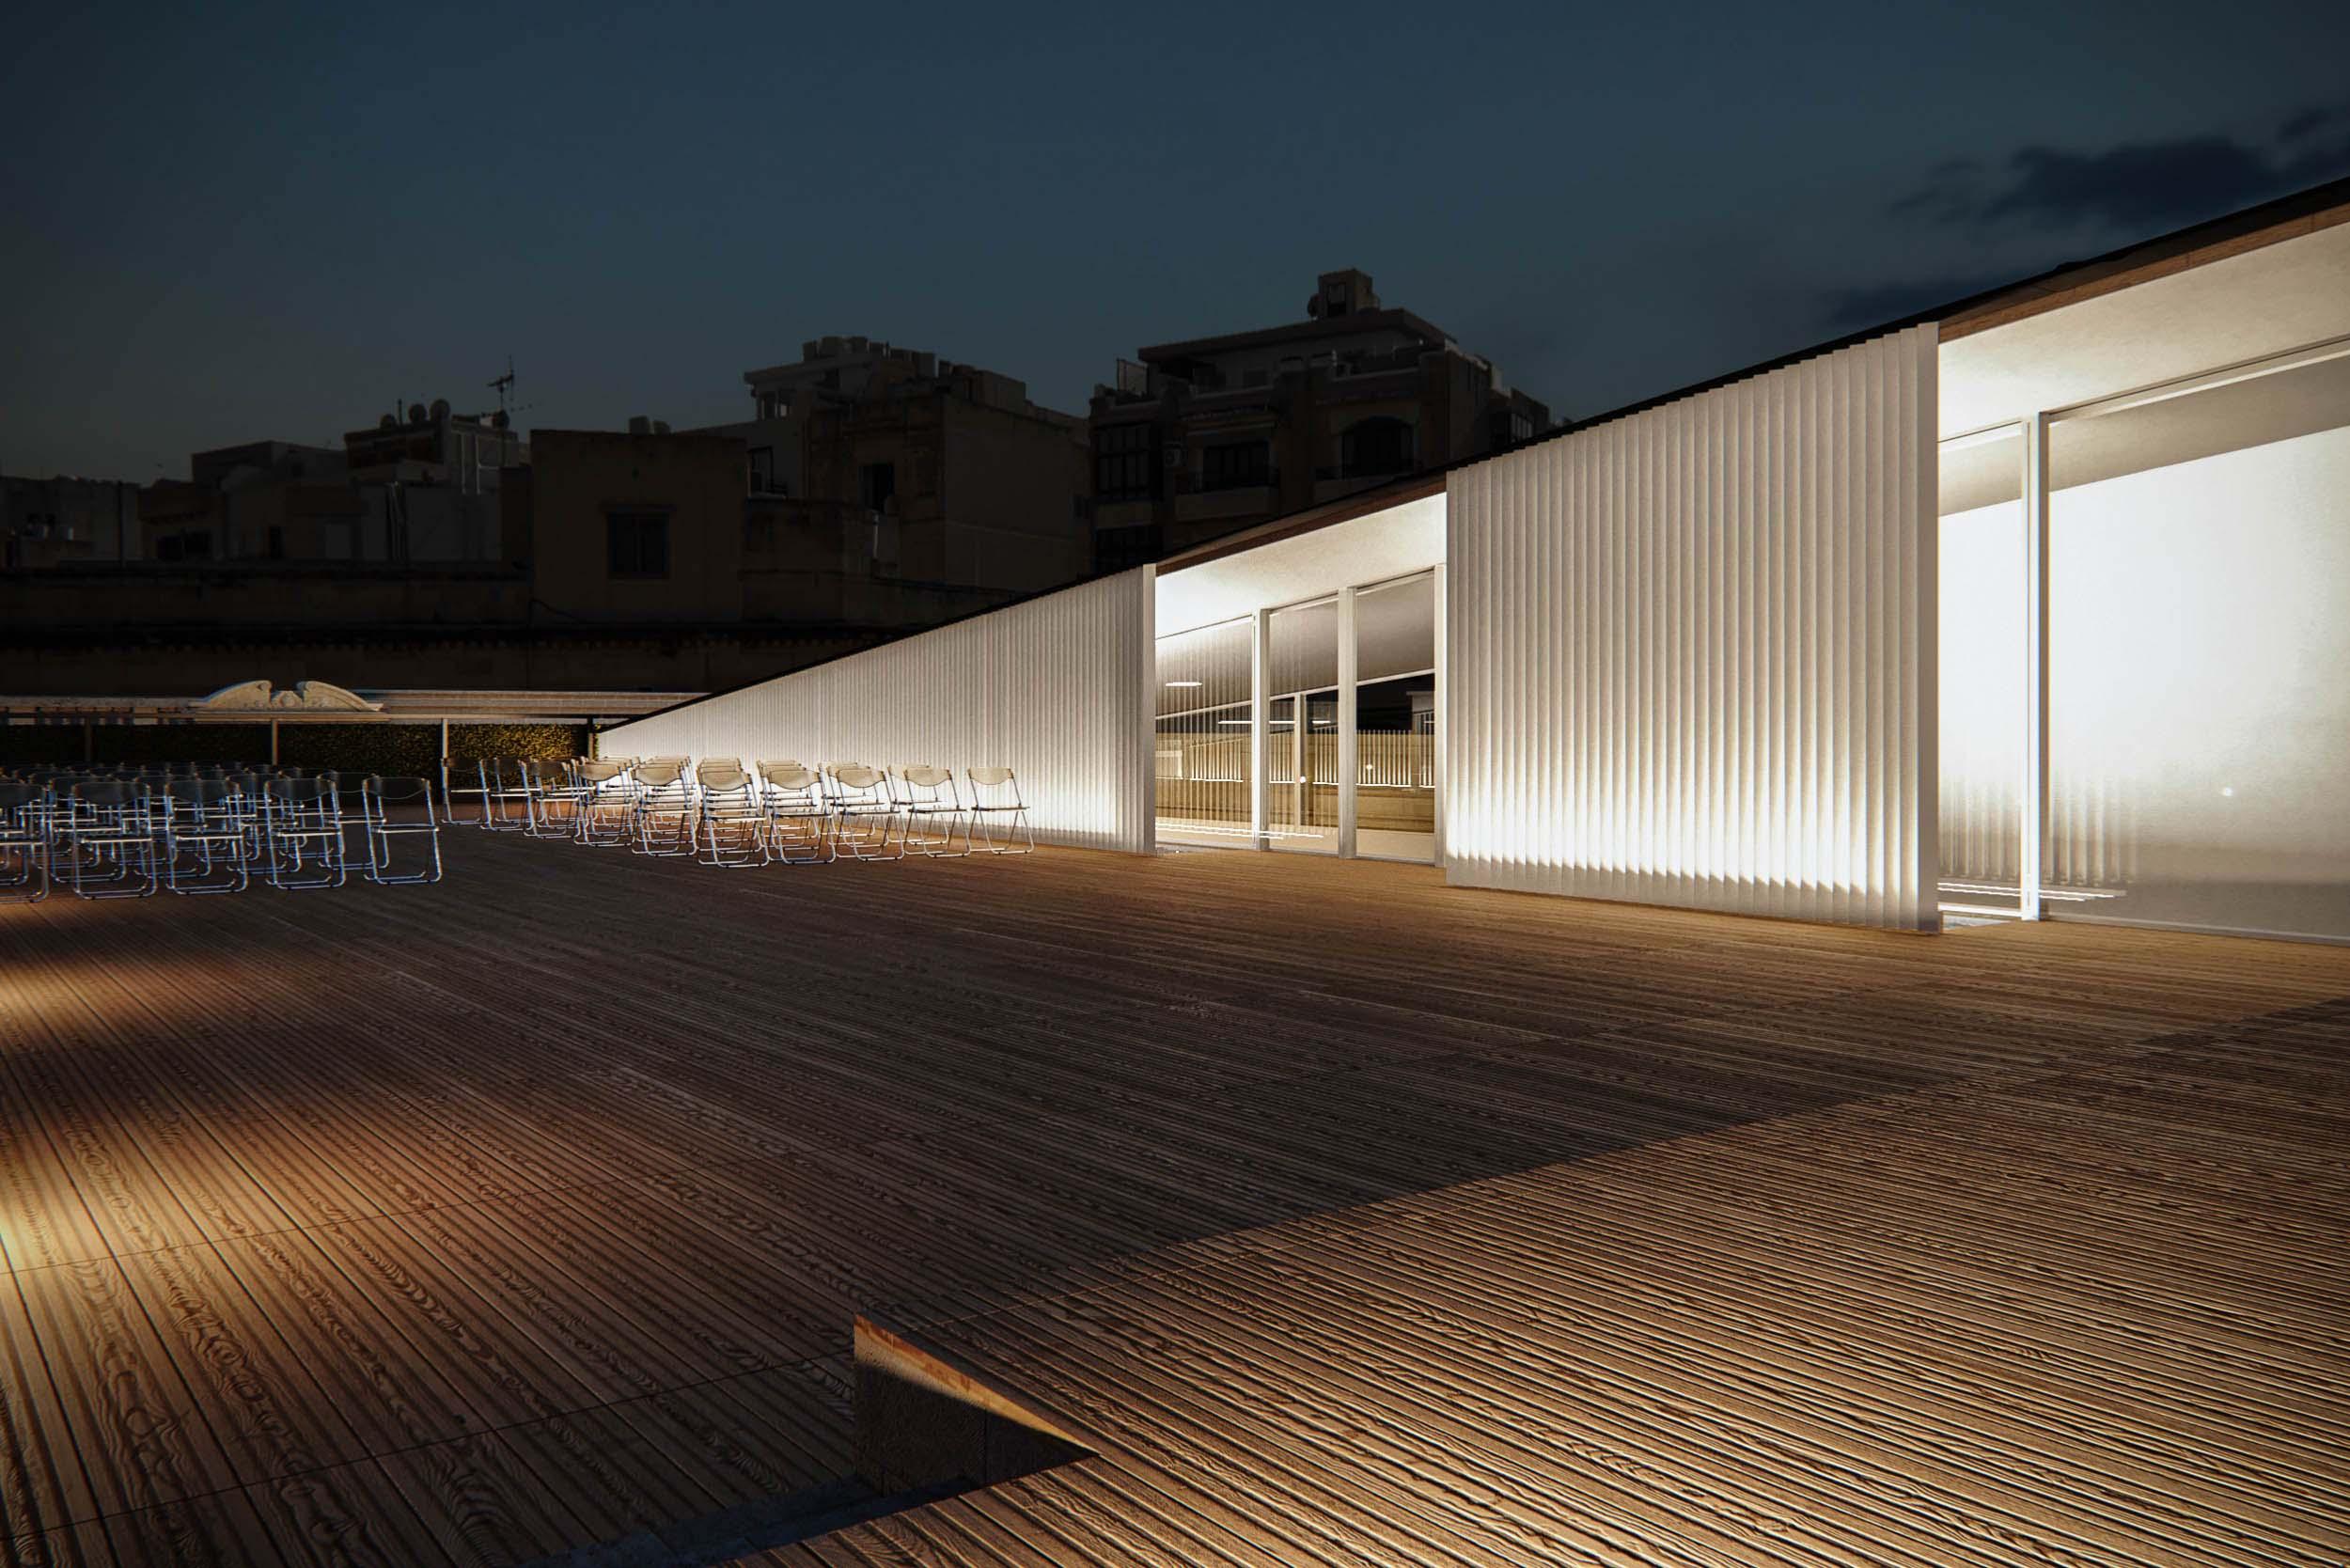 https://dprostudio.com/wp-content/uploads/2020/11/Teatru-Salesjan-_-Roof.jpg